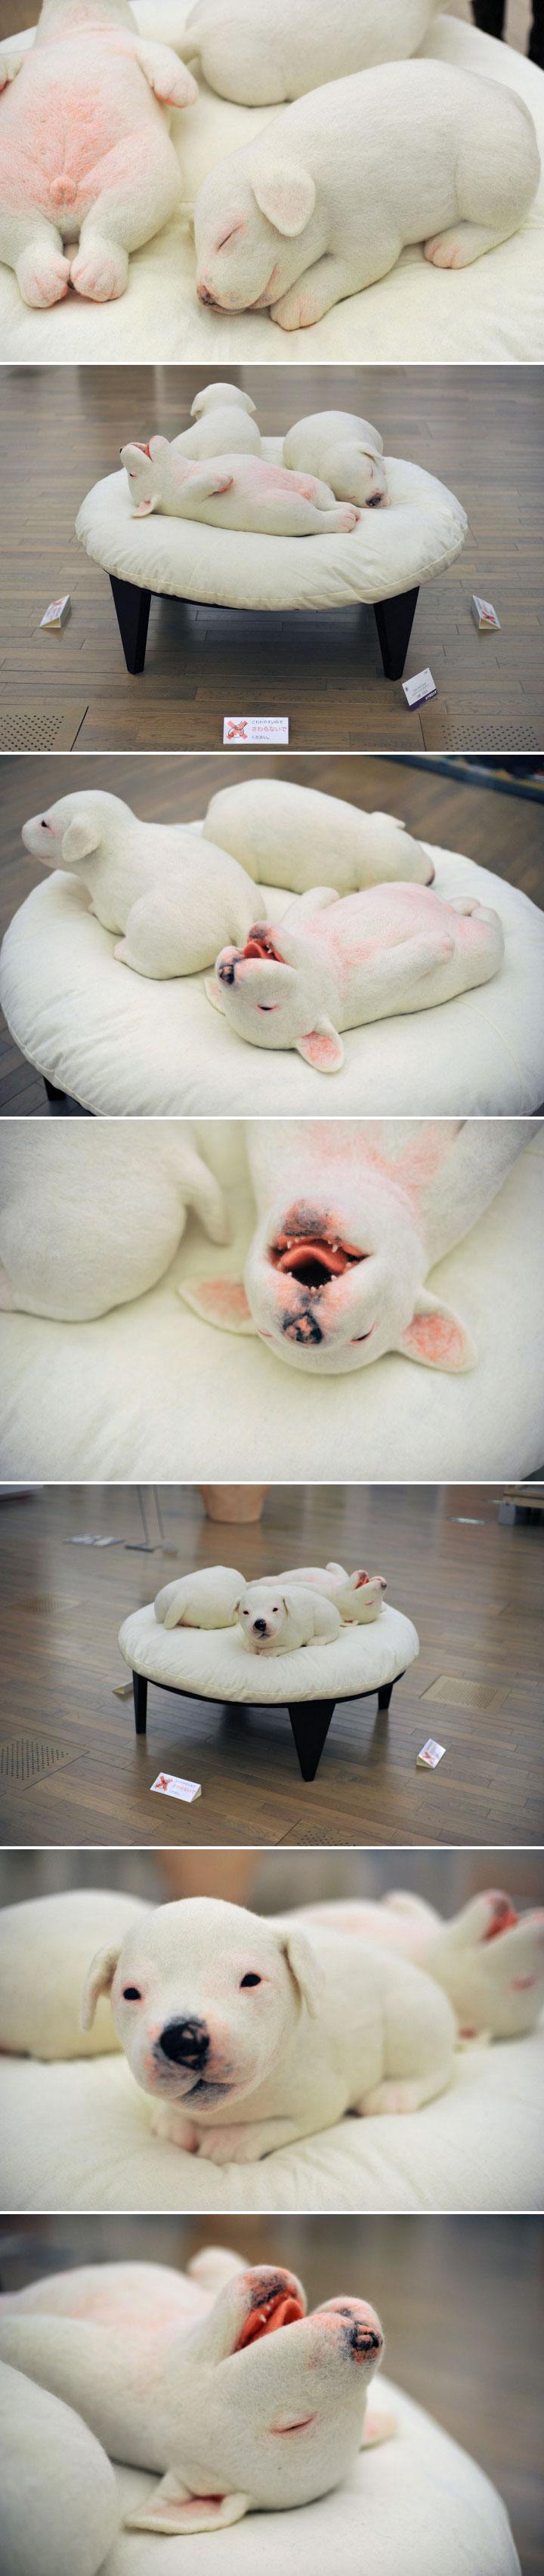 Minami Kawasaki - Home Sweet Home - puppies